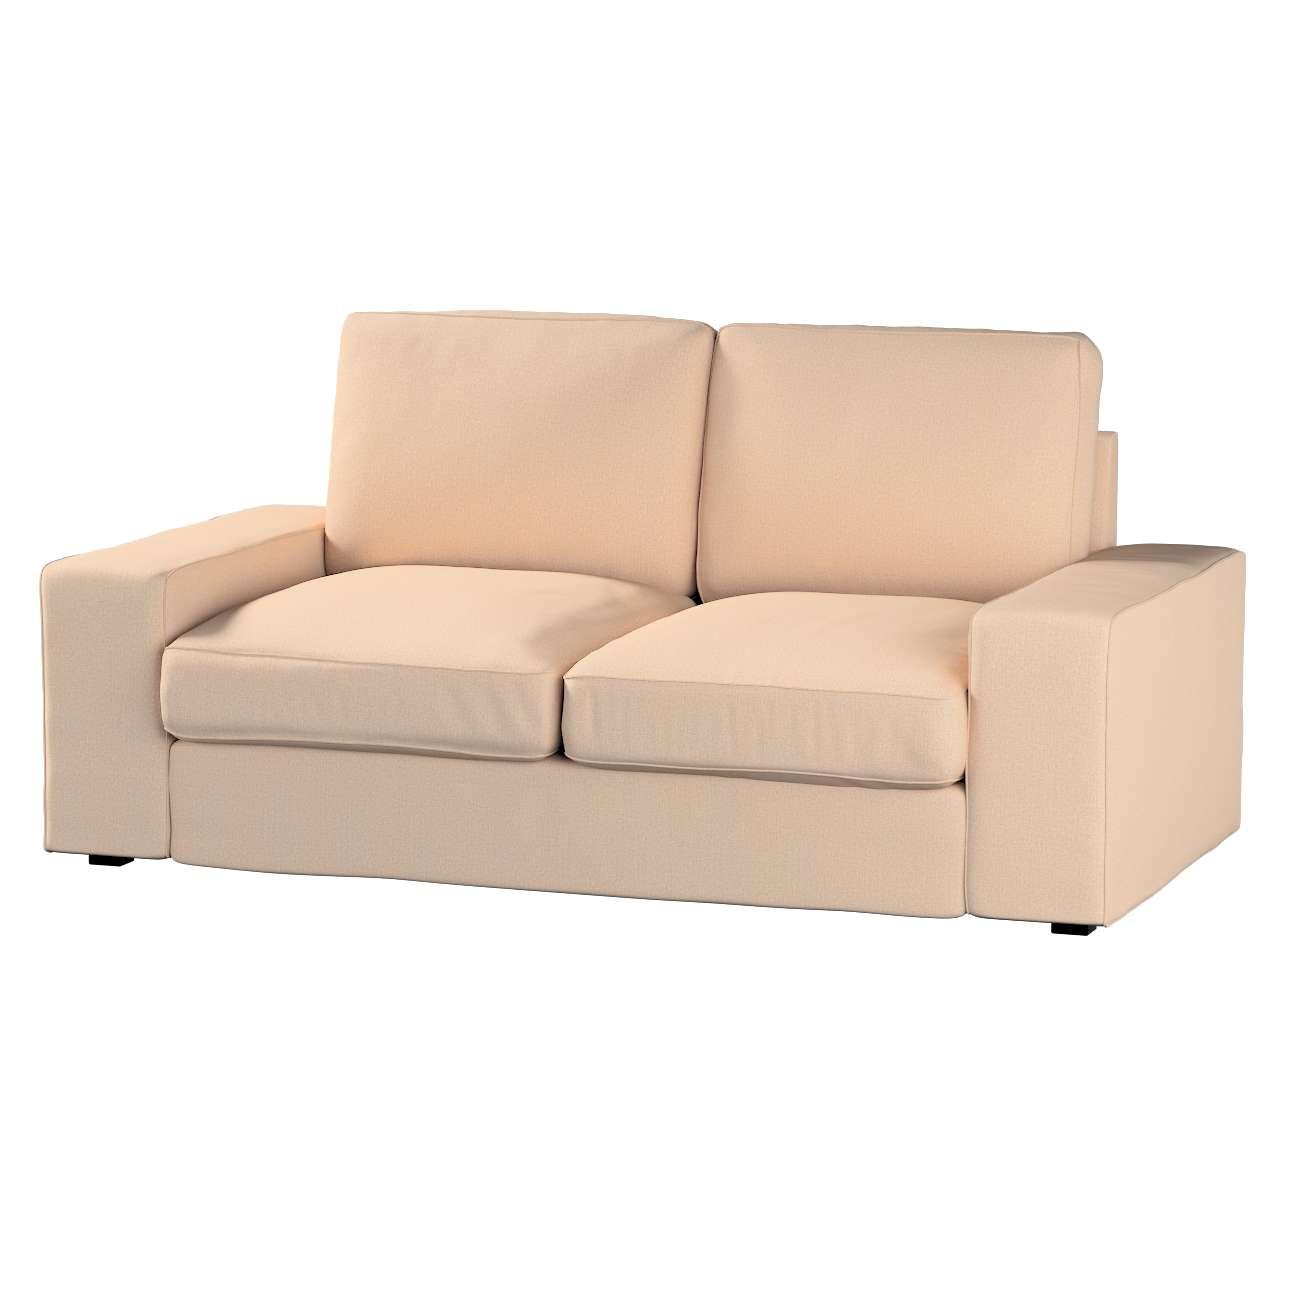 KIVIK dvivietės sofos užvalkalas Kivik 2-seat sofa kolekcijoje Edinburgh , audinys: 115-78